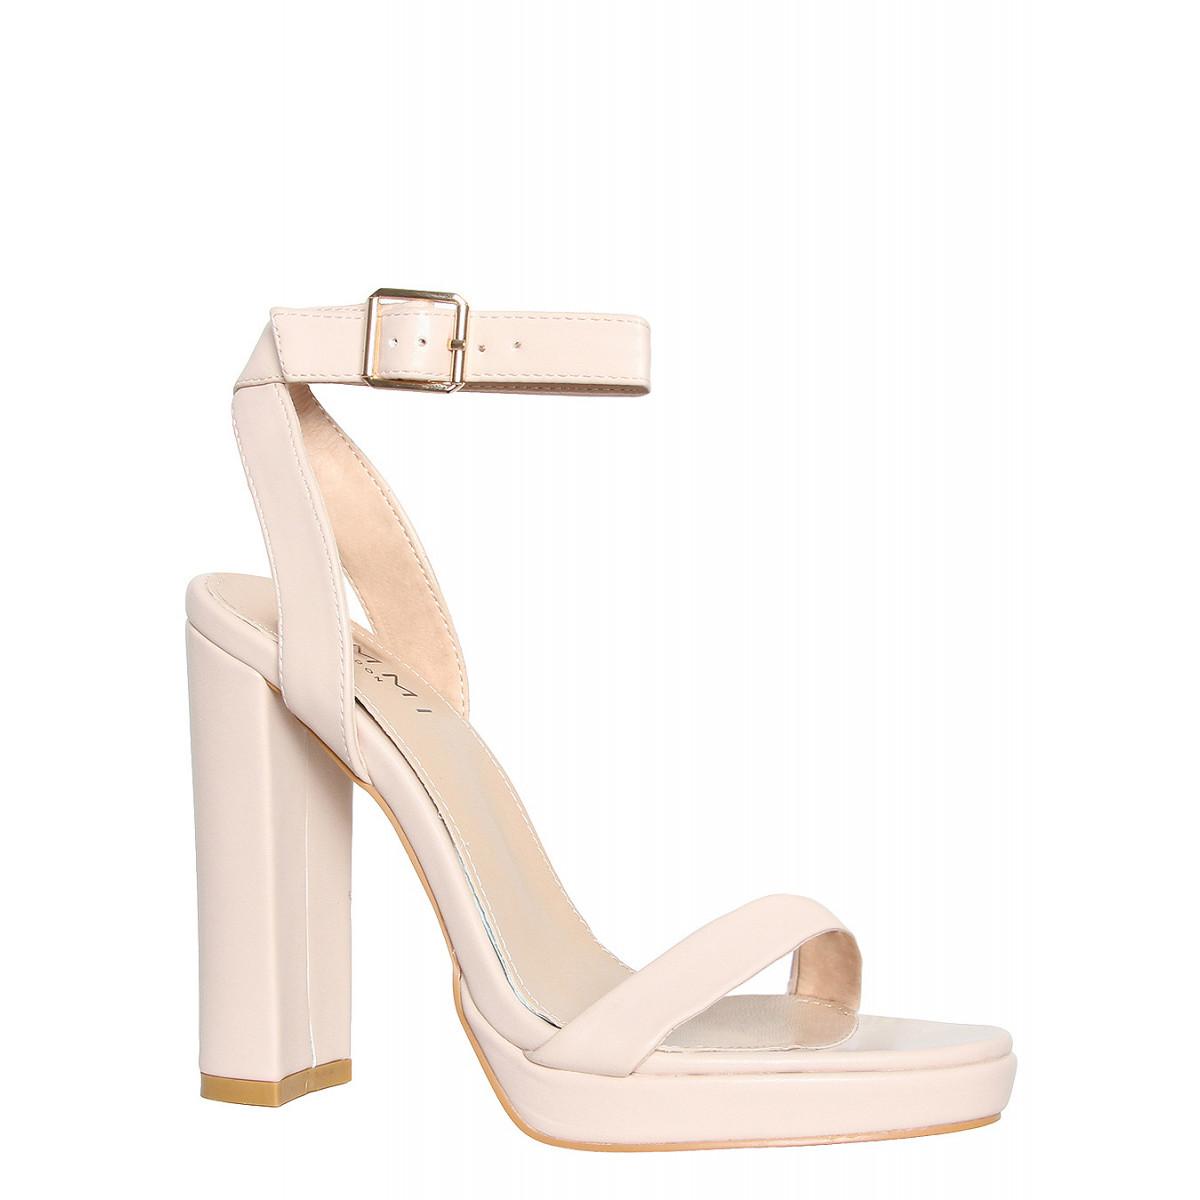 Adora Nude Platform Block Heels : Simmi